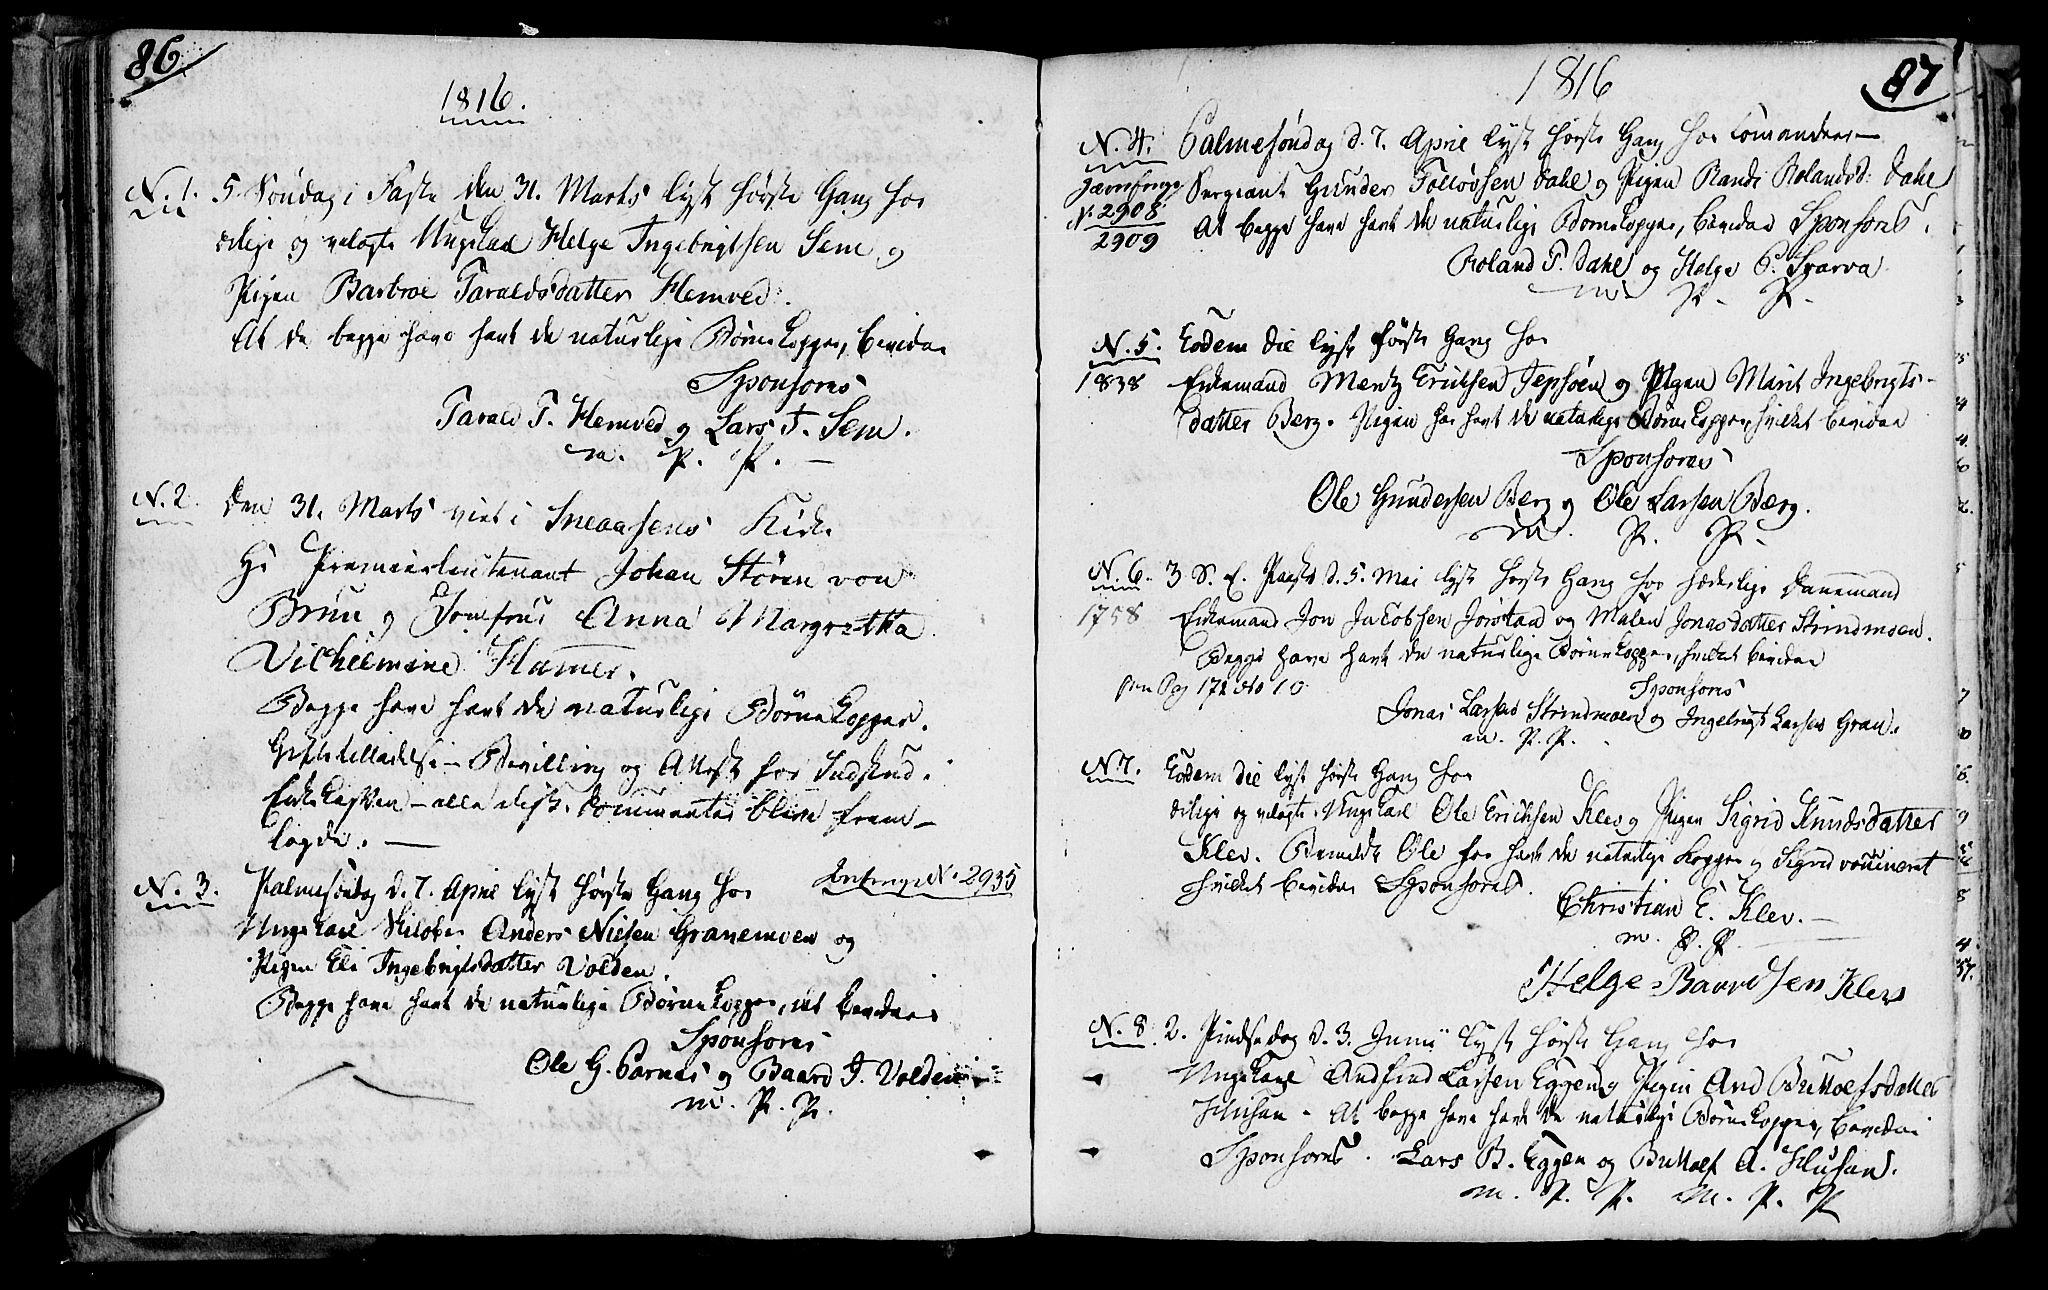 SAT, Ministerialprotokoller, klokkerbøker og fødselsregistre - Nord-Trøndelag, 749/L0468: Ministerialbok nr. 749A02, 1787-1817, s. 86-87